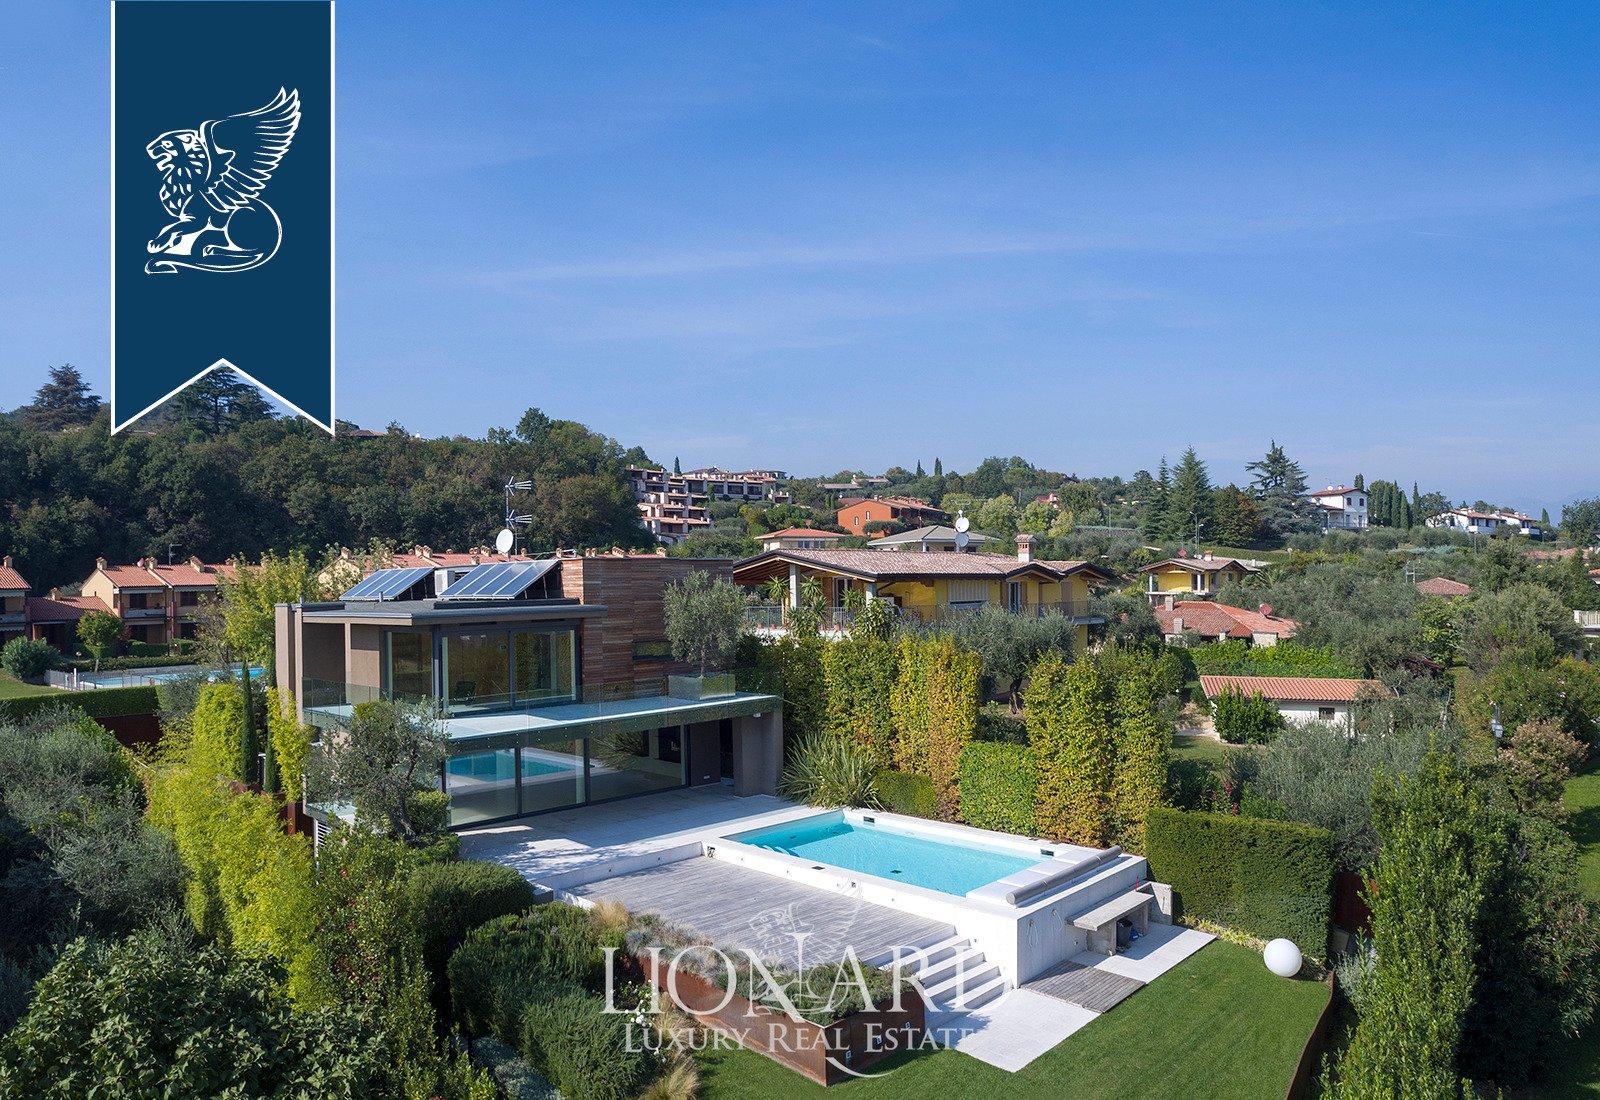 Villa in Soiano del Lago, Lombardy, Italy 1